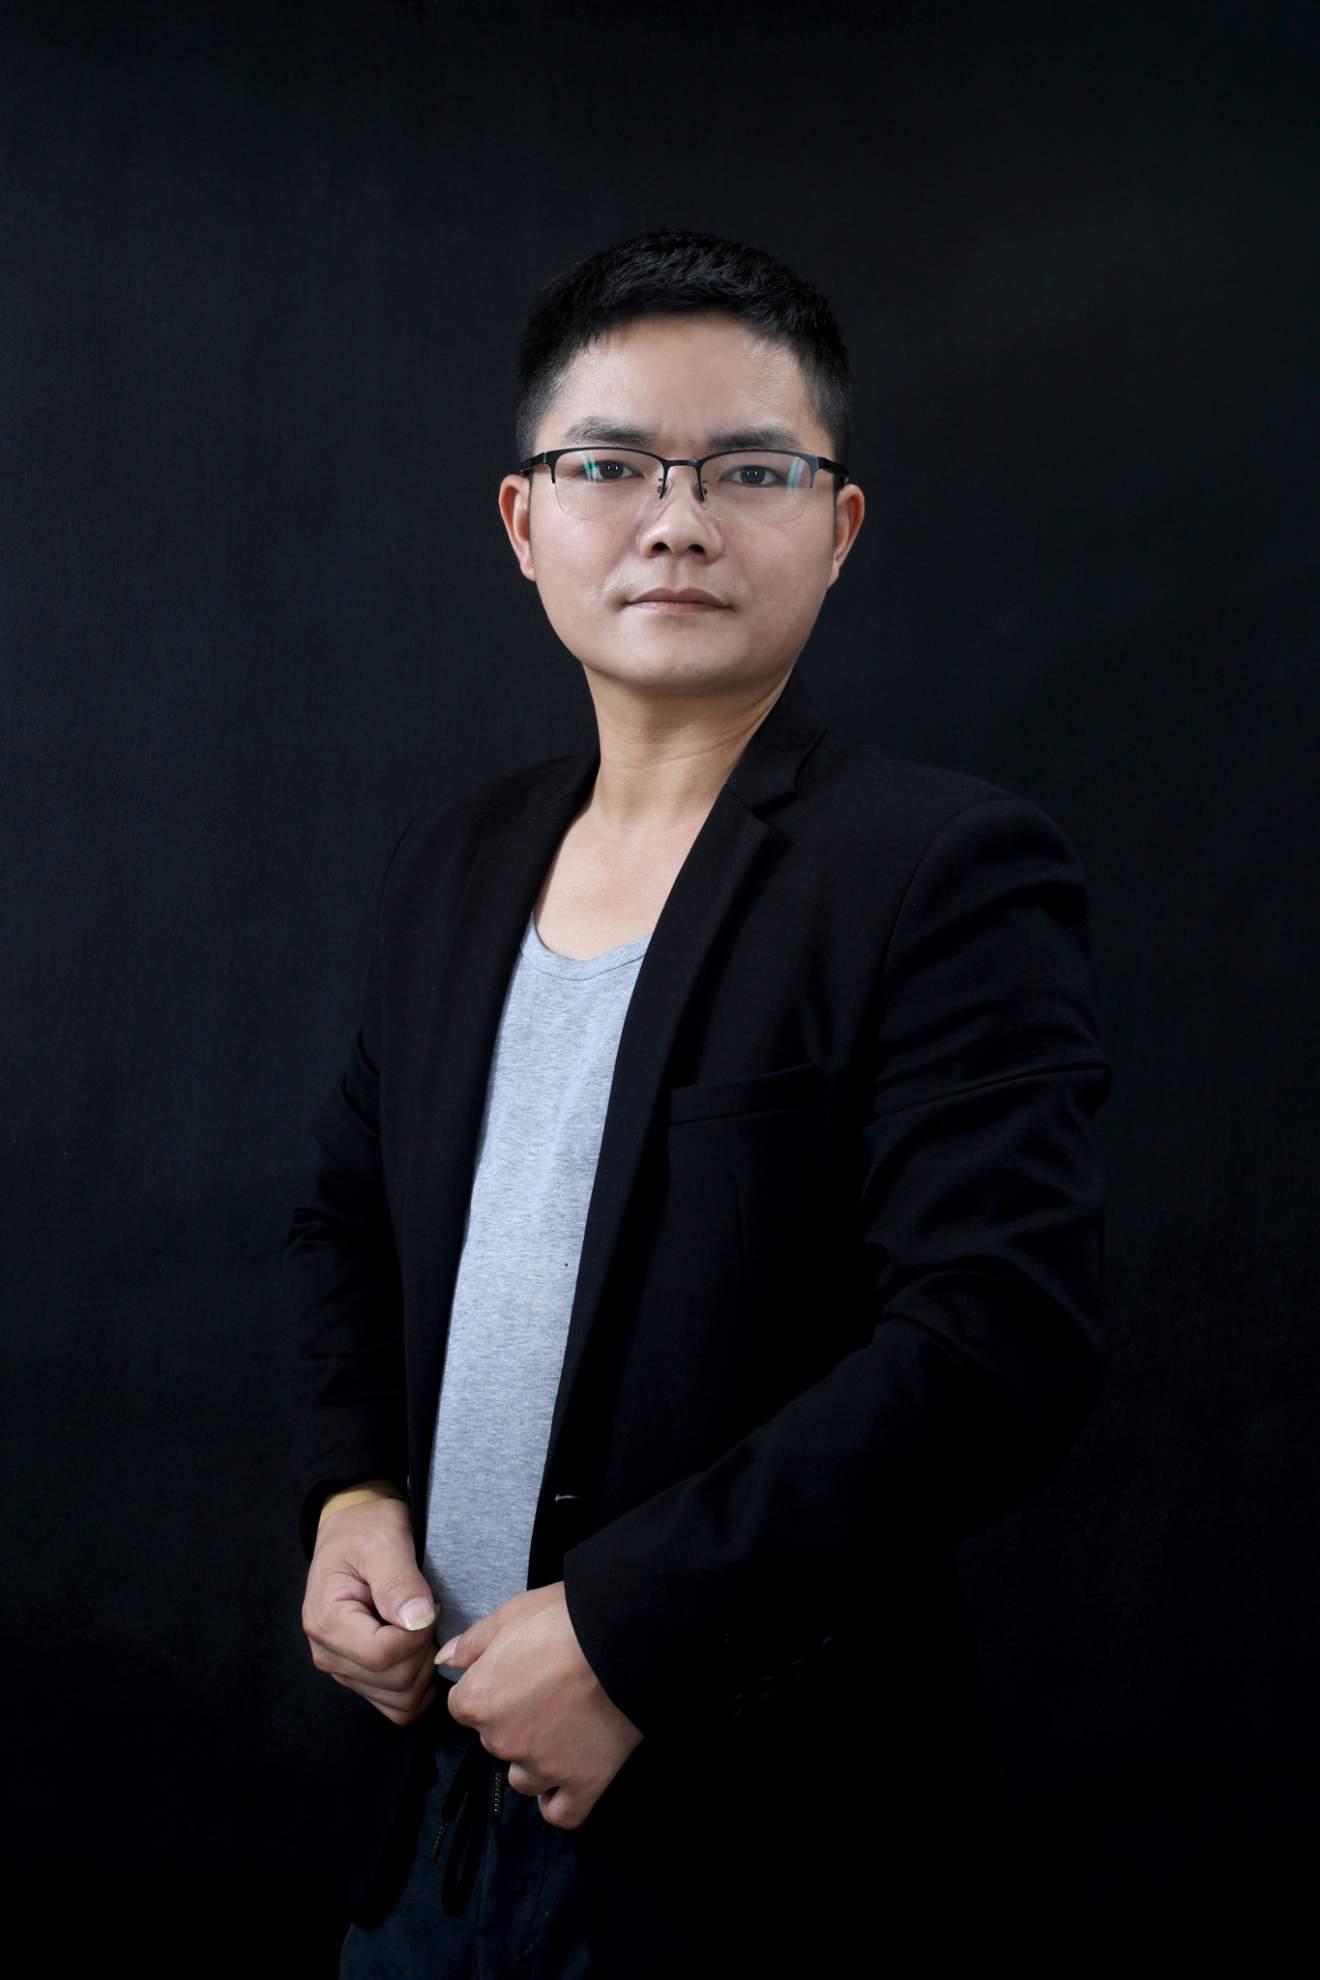 珠海裝修設計師游國慶